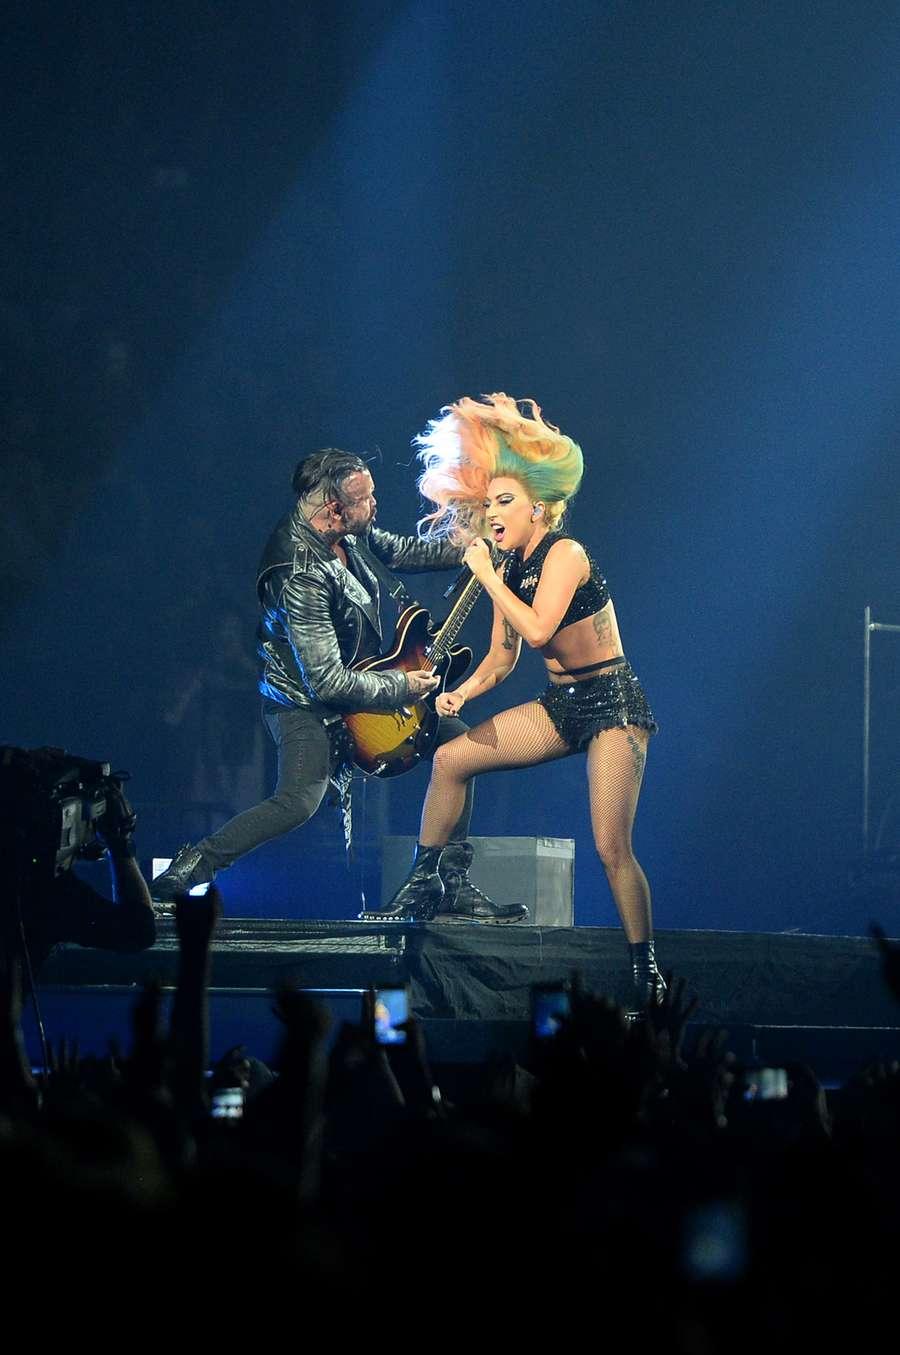 Penampilan Energik Lady Gaga di Joanne World Tour